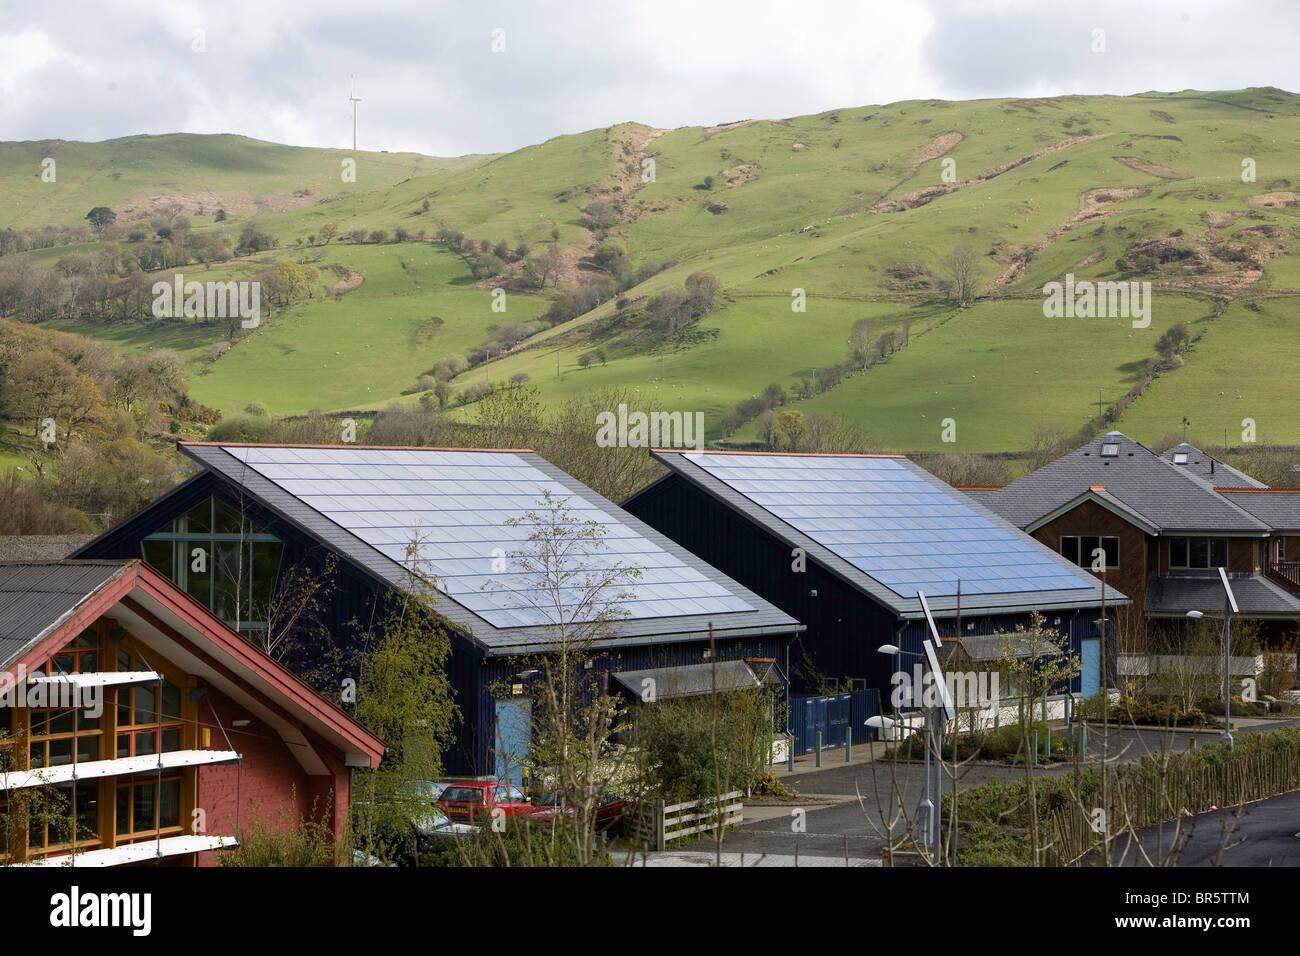 Toitures carrelées avec l'énergie solaire photovoltaïque panneaux dans Dyfi Eco Park, Machynlleth, Photo Stock